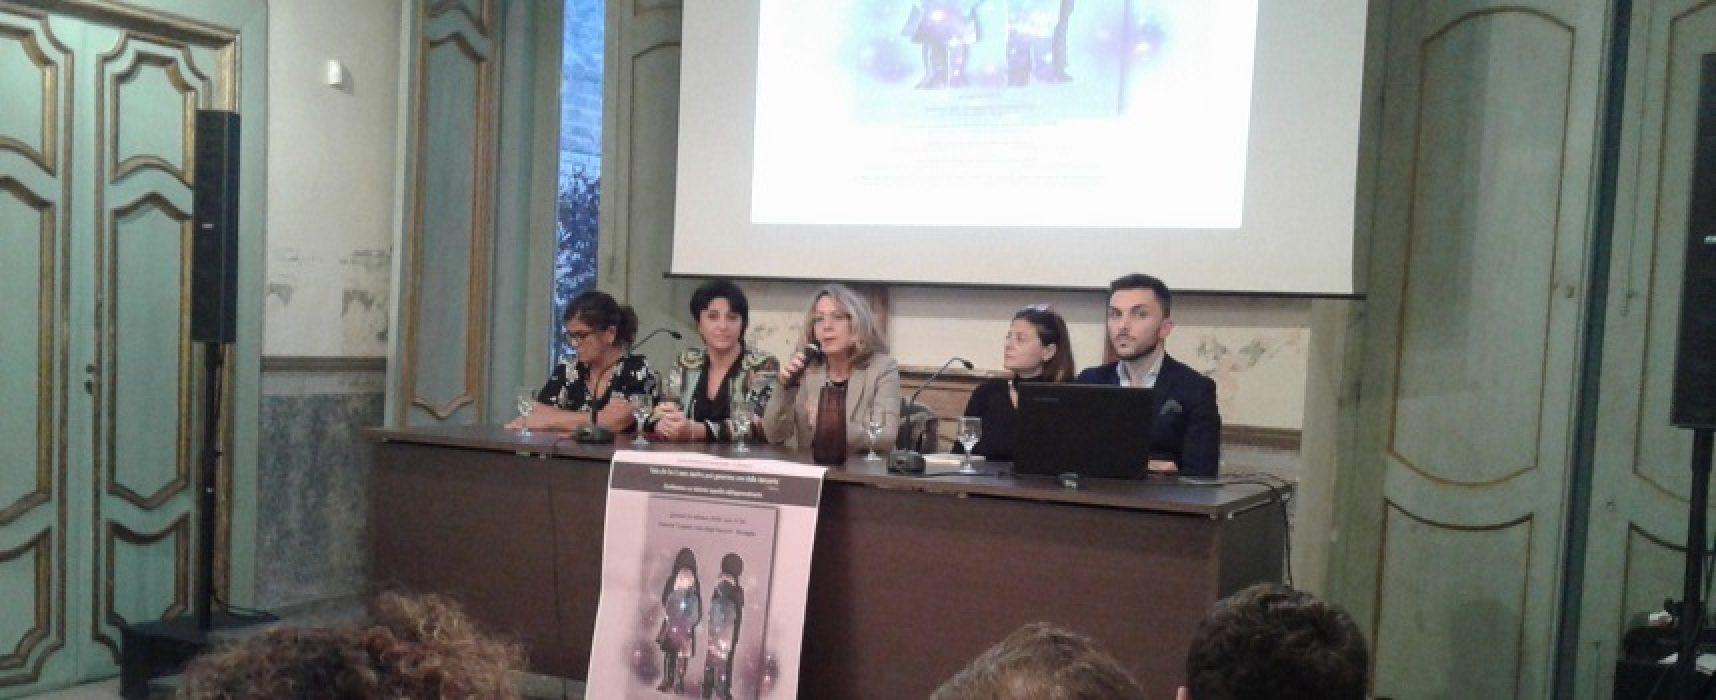 Dsa, gli specialisti incontrano genitori ed educatori a Palazzo Tupputi